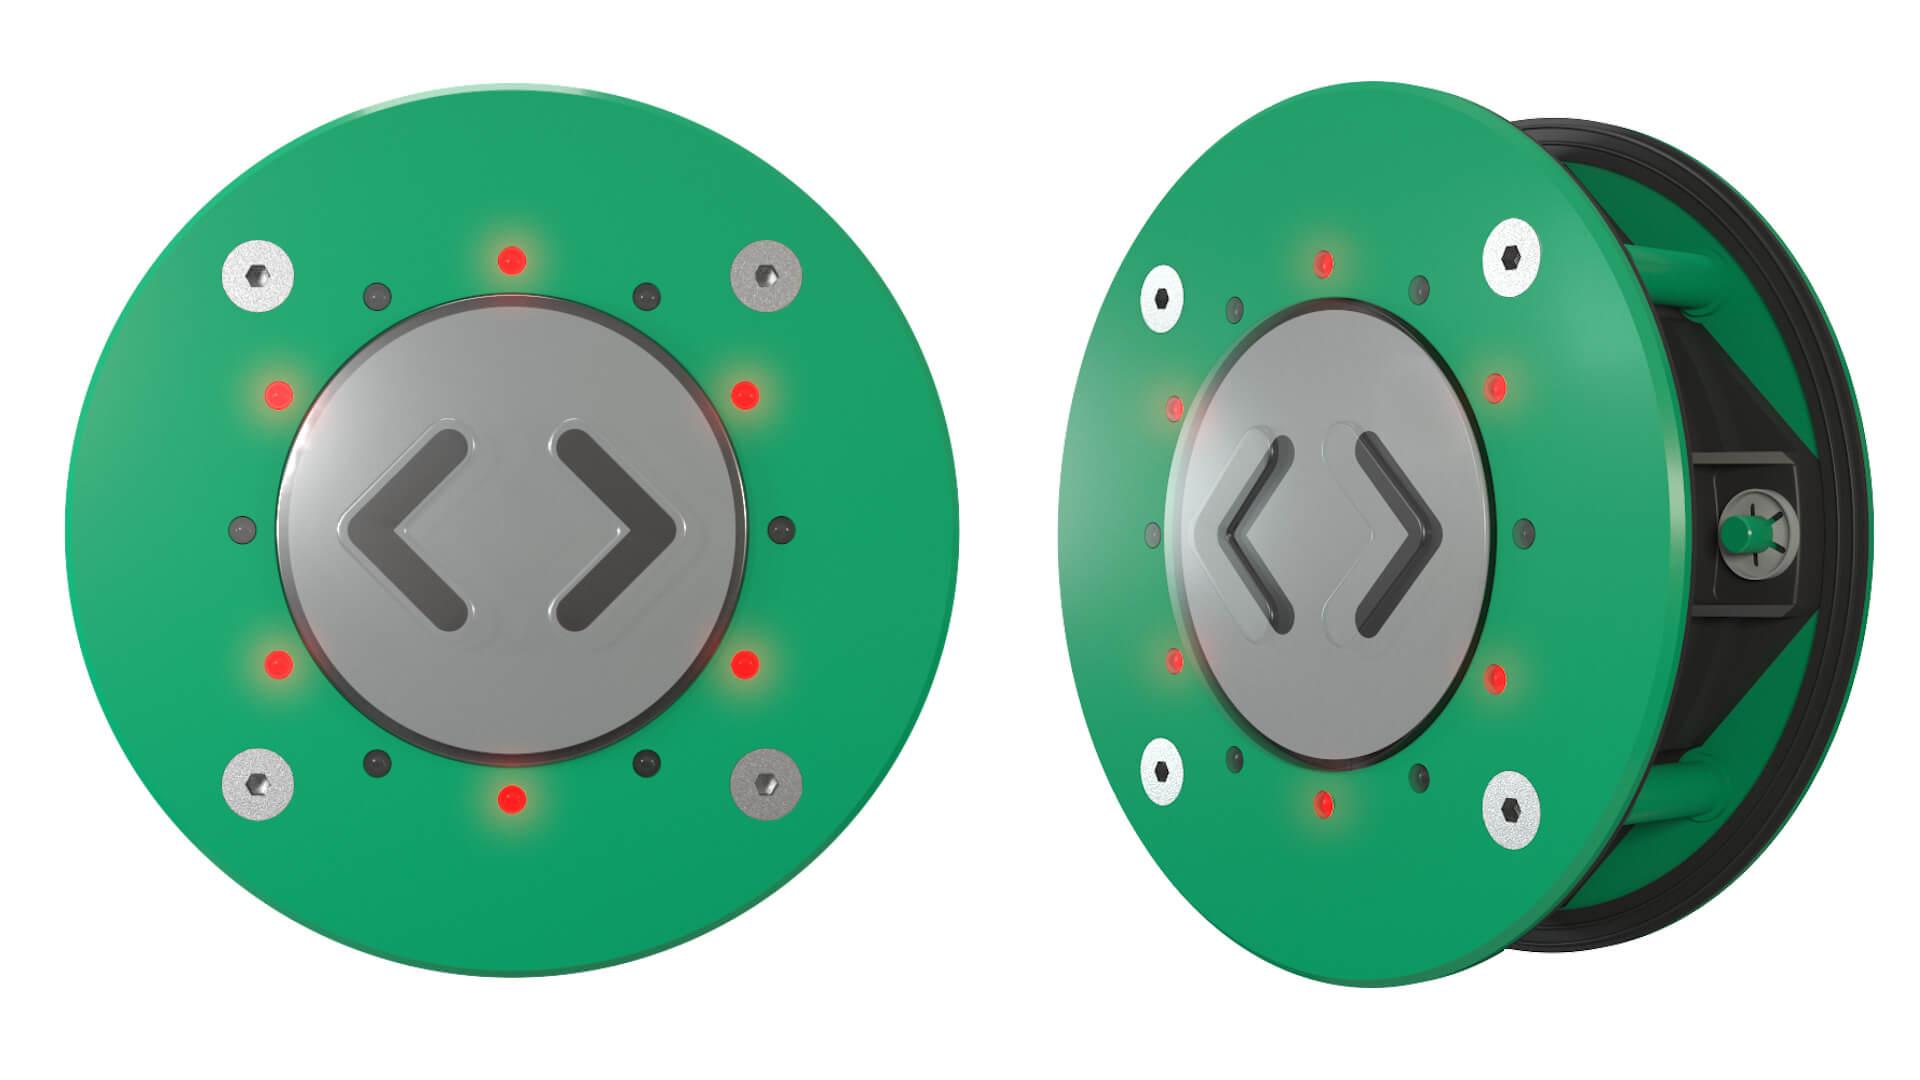 CK72-1 Türöffnungstaster TSL doppelseitig grün